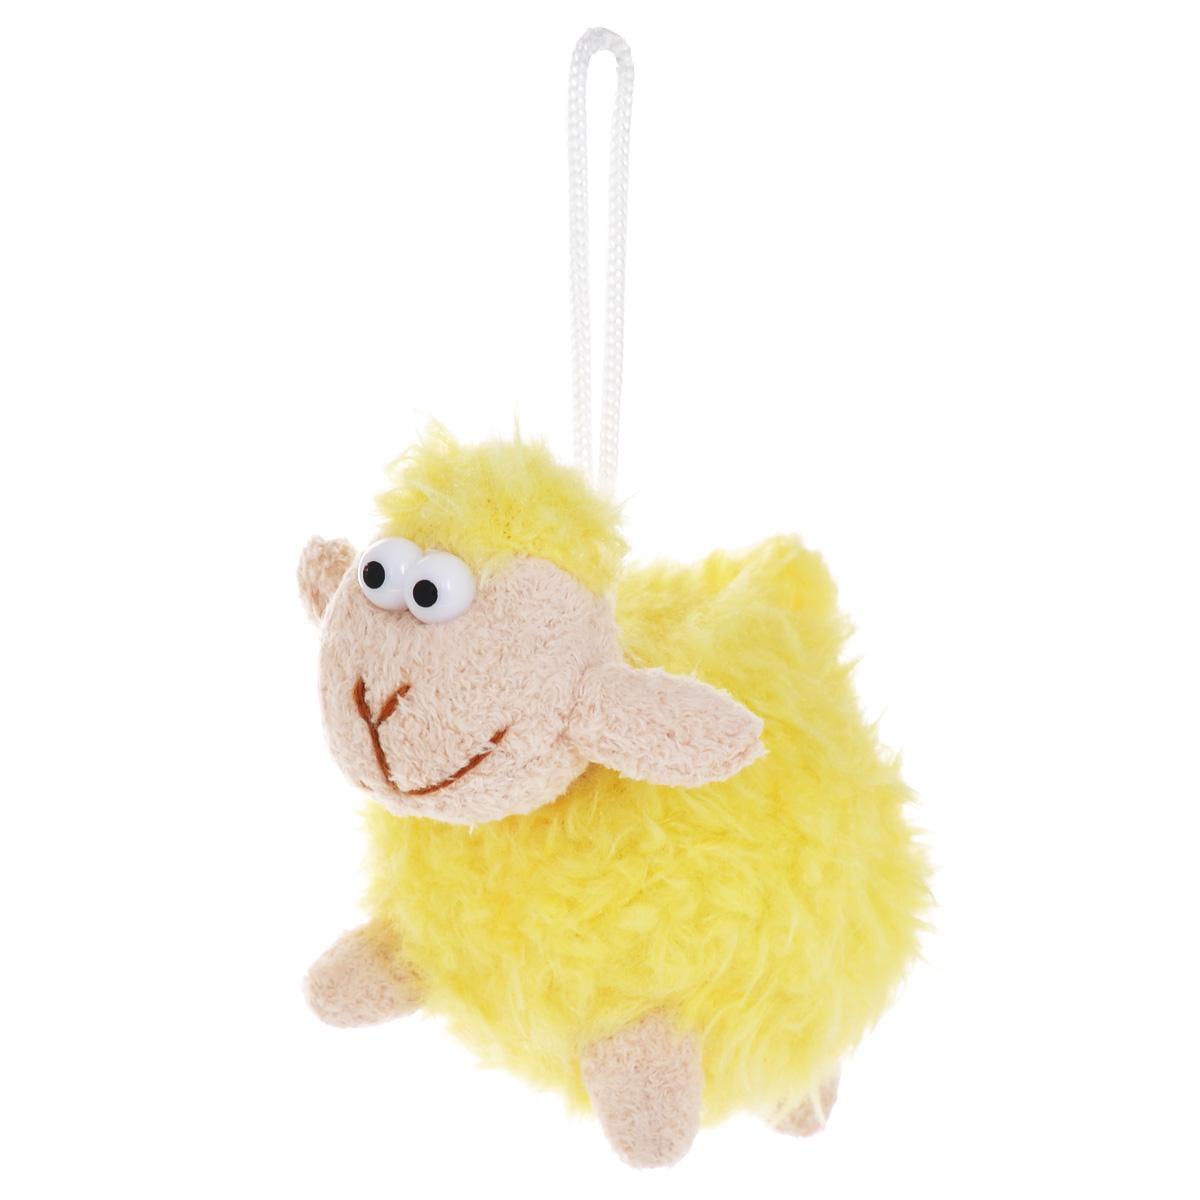 Мягкая игрушка-подвеска Sima-land Овечка, цвет: желтый, 8 см. 332801733908Очаровательная мягкая игрушка-подвеска Sima-land Овечка не оставит вас равнодушным и вызовет улыбку у каждого, кто ее увидит. Игрушка выполнена из искусственного меха и текстиля в виде забавной овечки с выпуклыми глазами. К игрушке прикреплена текстильная петелька для подвешивания. Мягкая и приятная на ощупь игрушка станет замечательным подарком, который вызовет массу положительных эмоций.Размер игрушки: 115 мм х 70 мм х 80 мм.